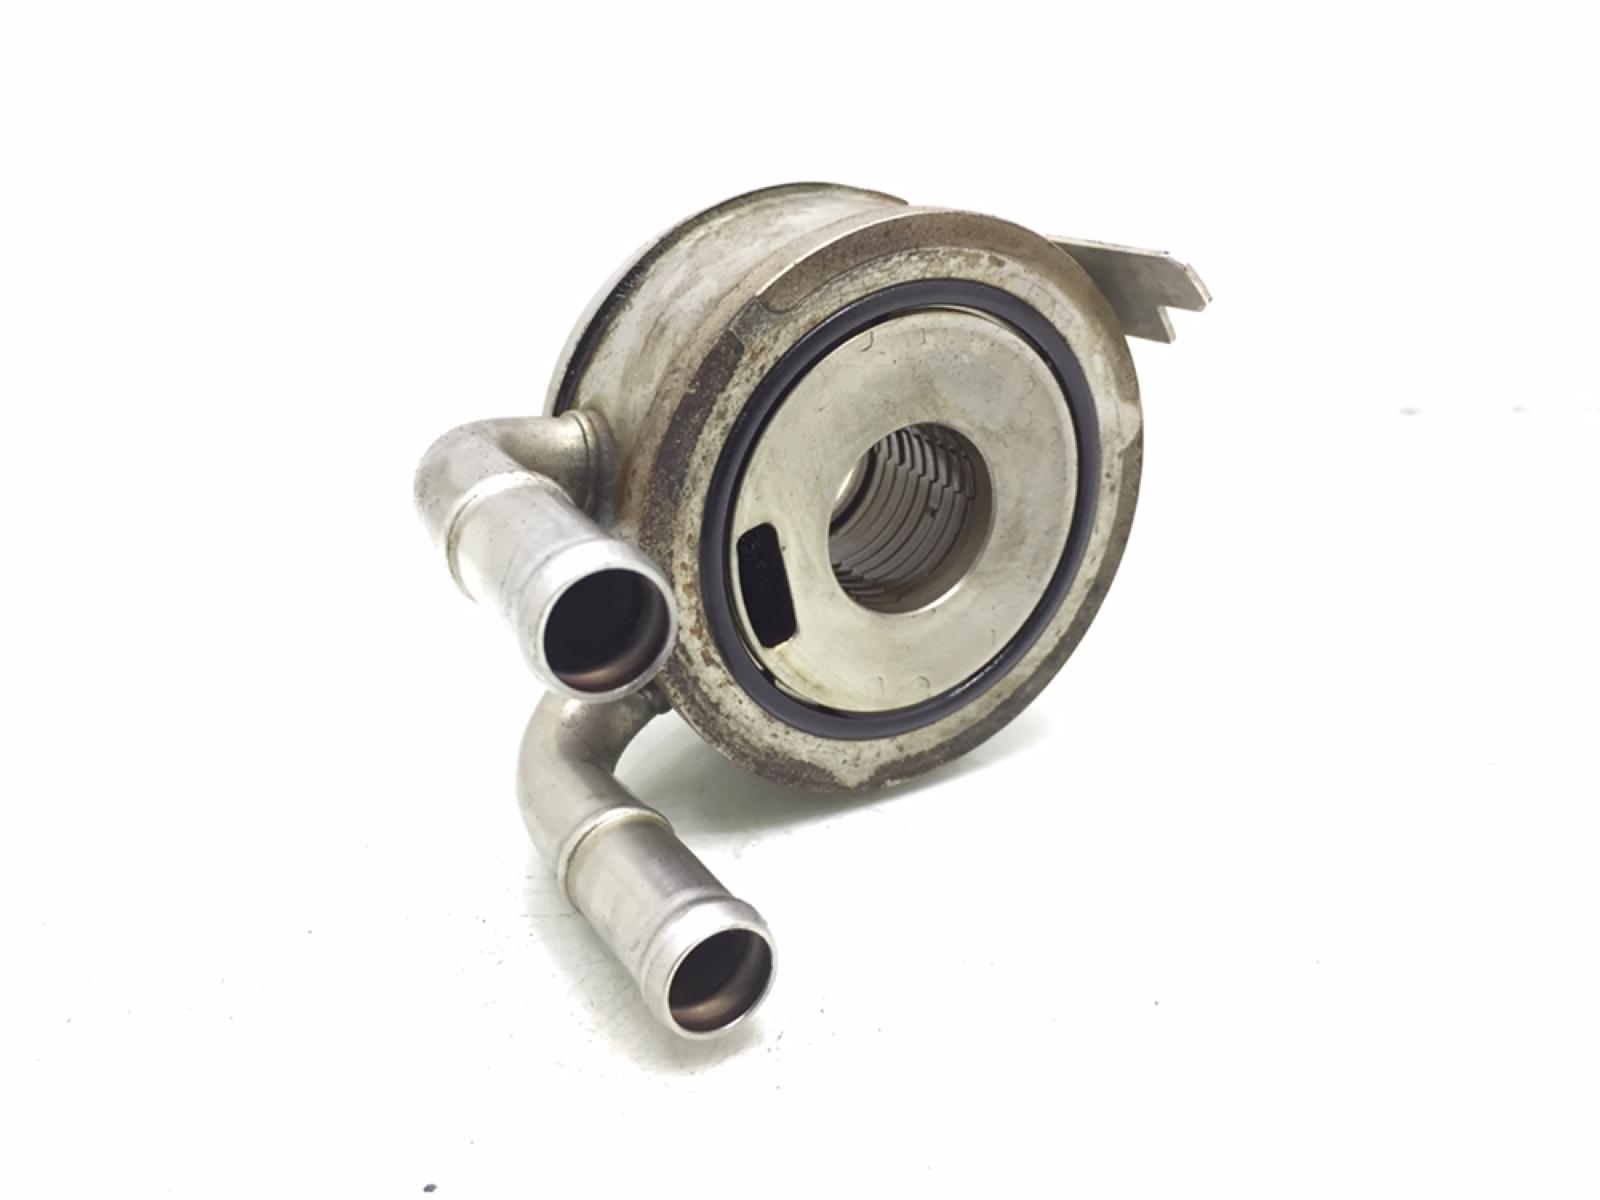 Радиатор масляный Toyota Mr2 1.8 VVT-I 2000 (б/у)